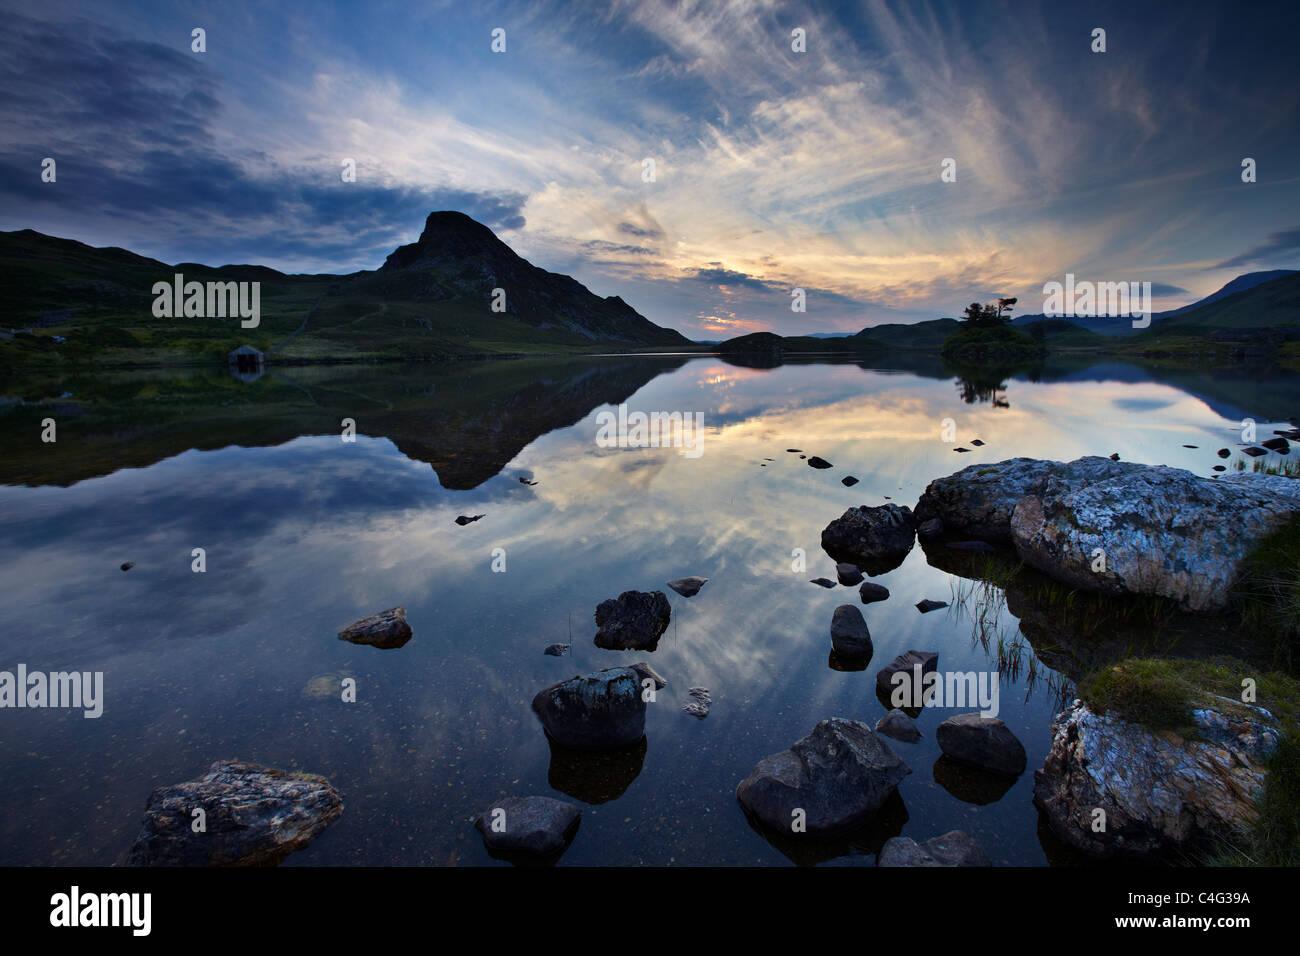 Llynnau Cregennen at dawn, beneath Cadair Idris, Snowdonia, Wales - Stock Image